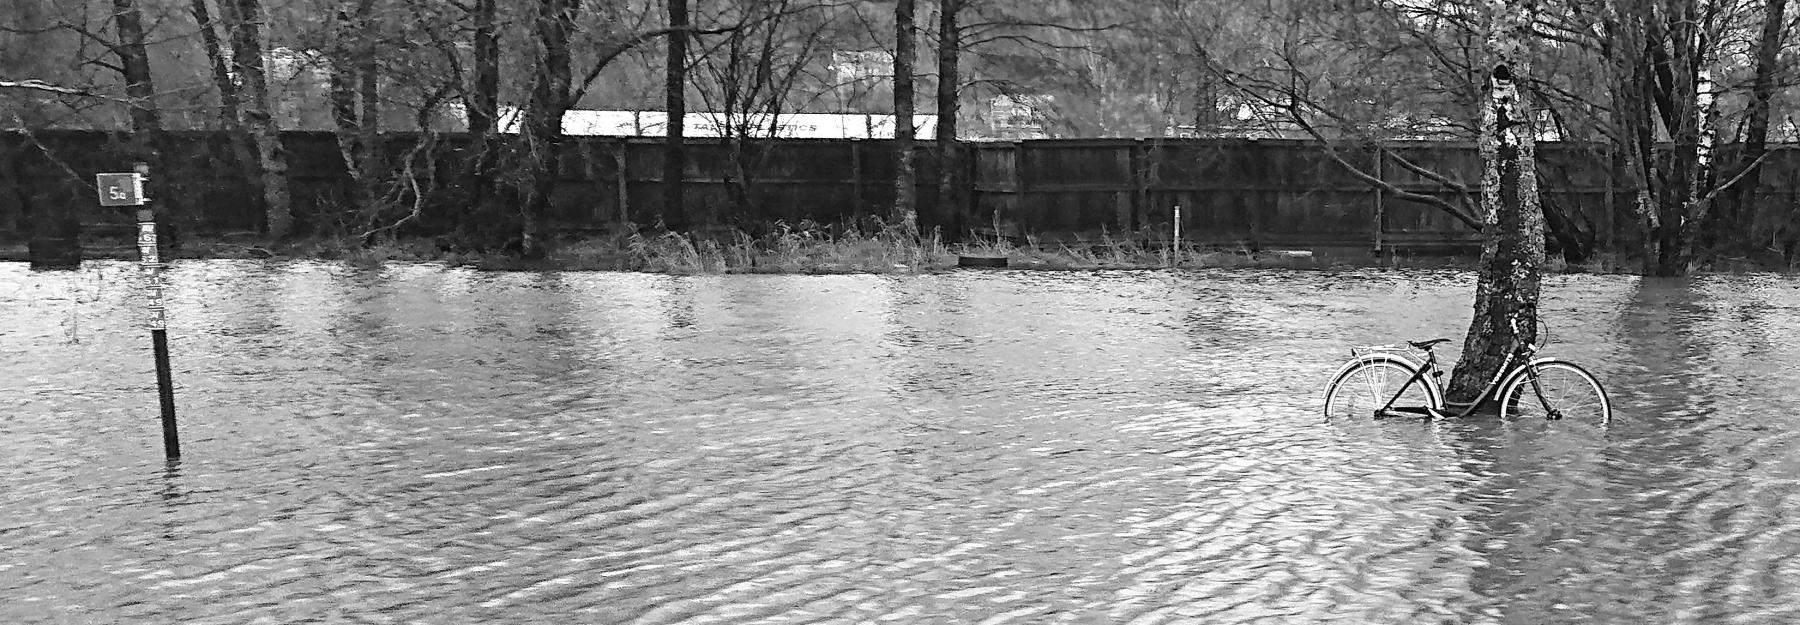 10 Översvämning